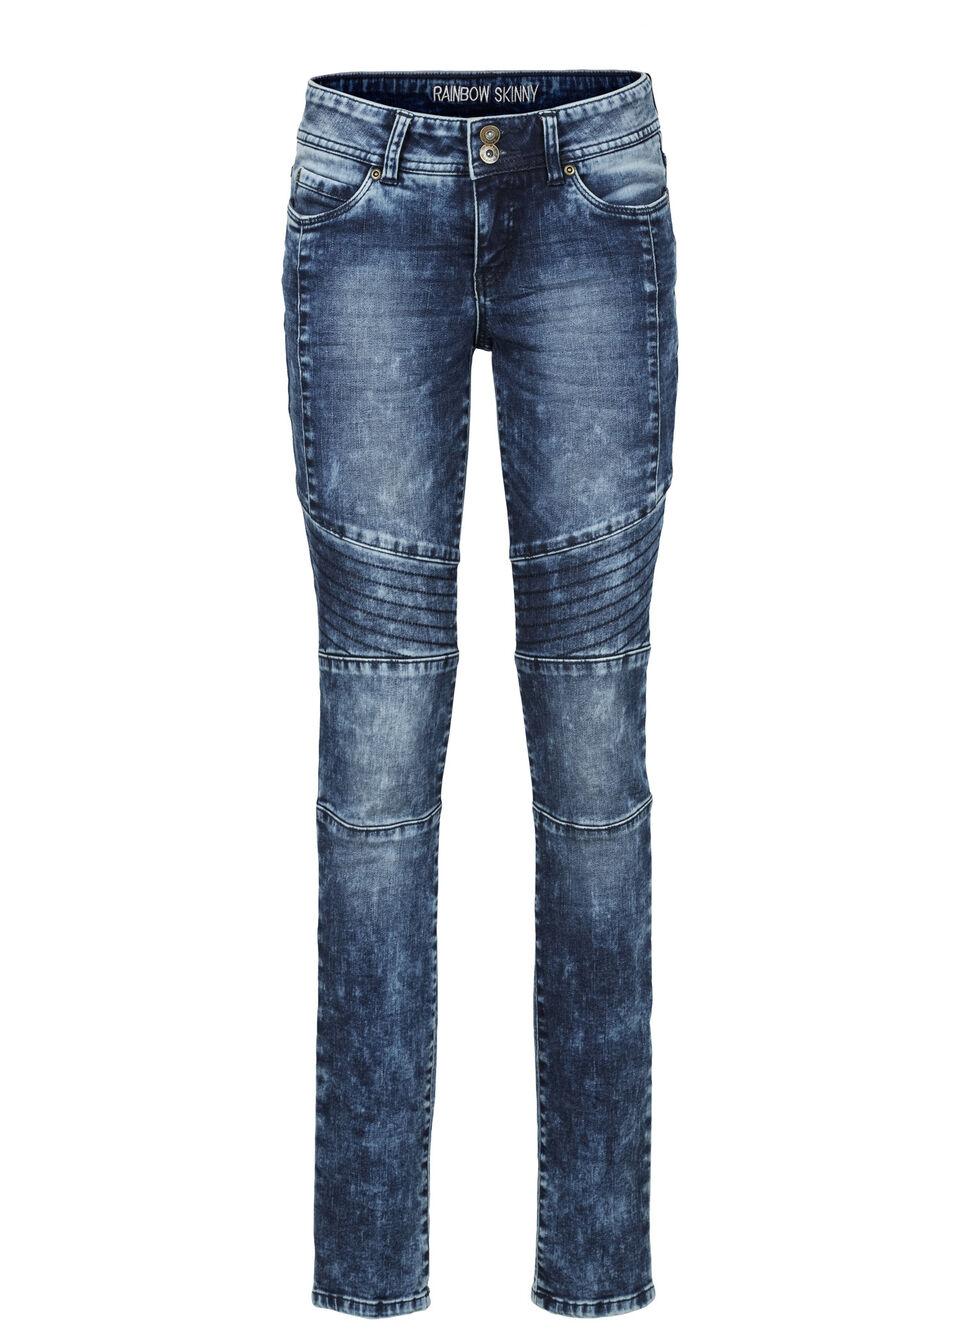 Jeans Skinny, cusături deco bonprix de la RAINBOW